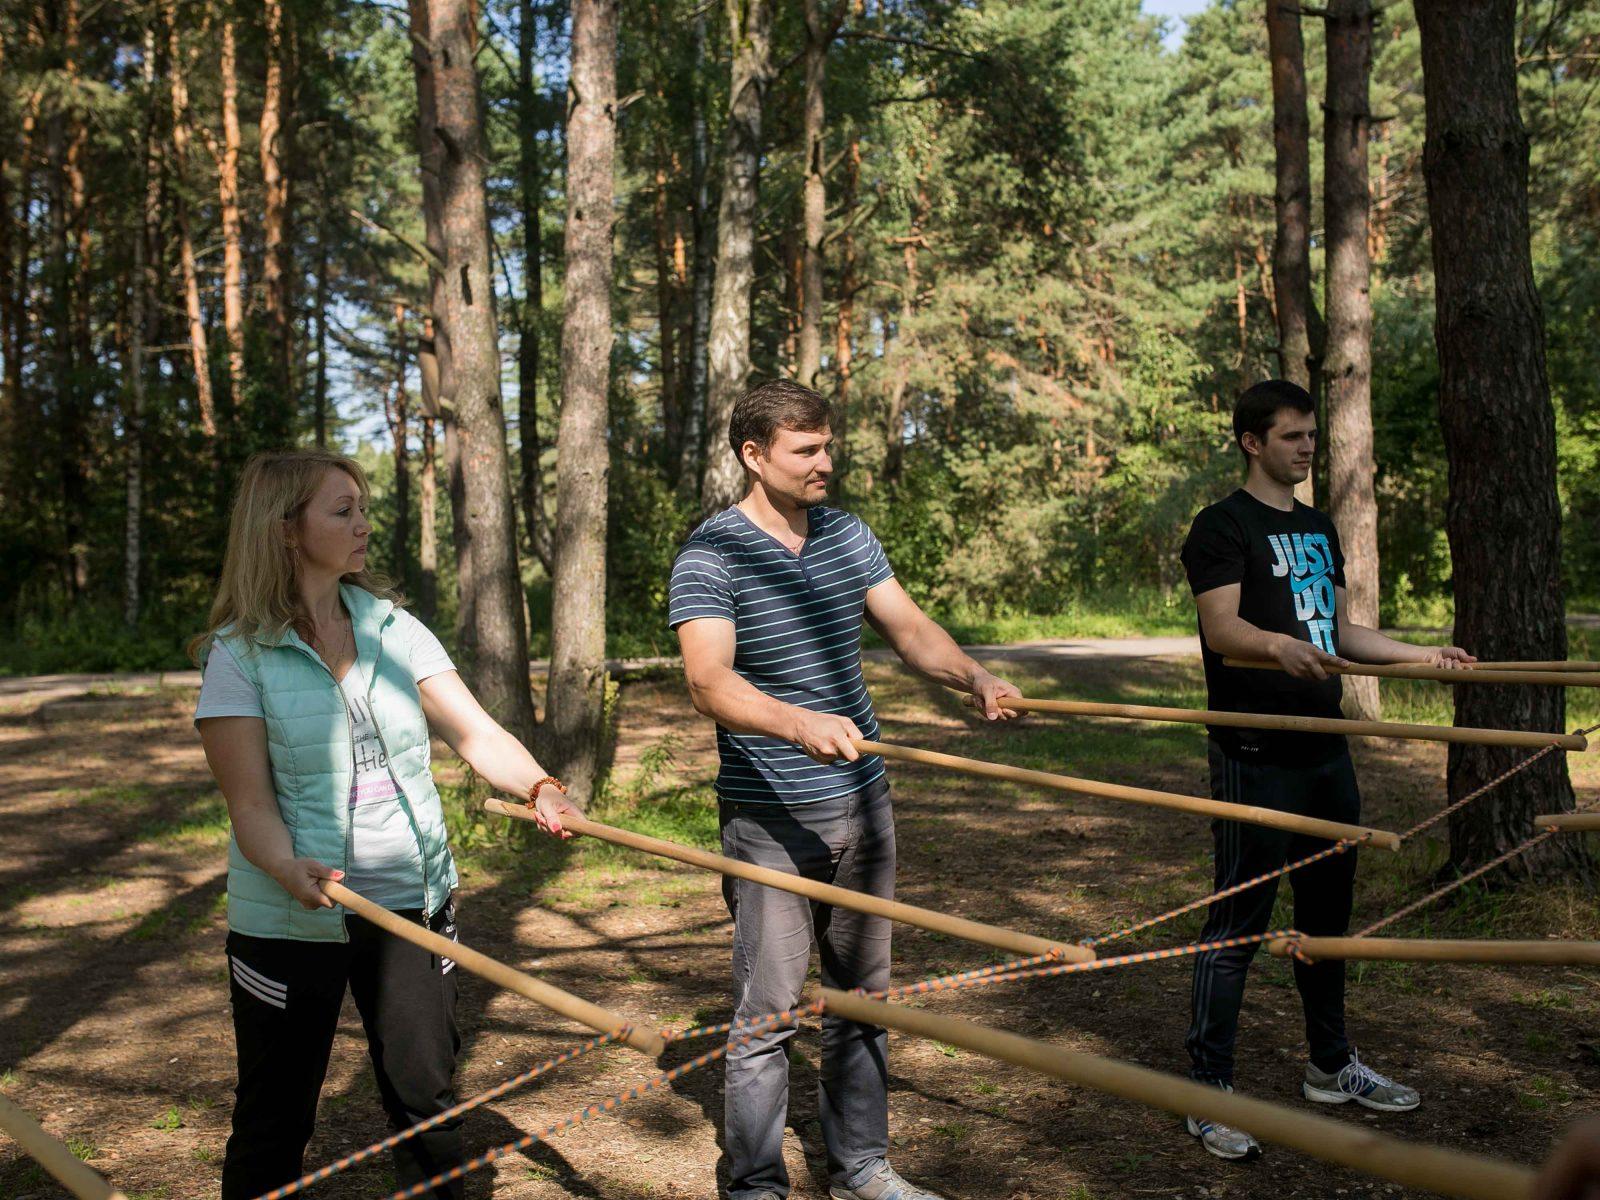 Фото проведения тимбилдинга по программе Рельсы от Red-g